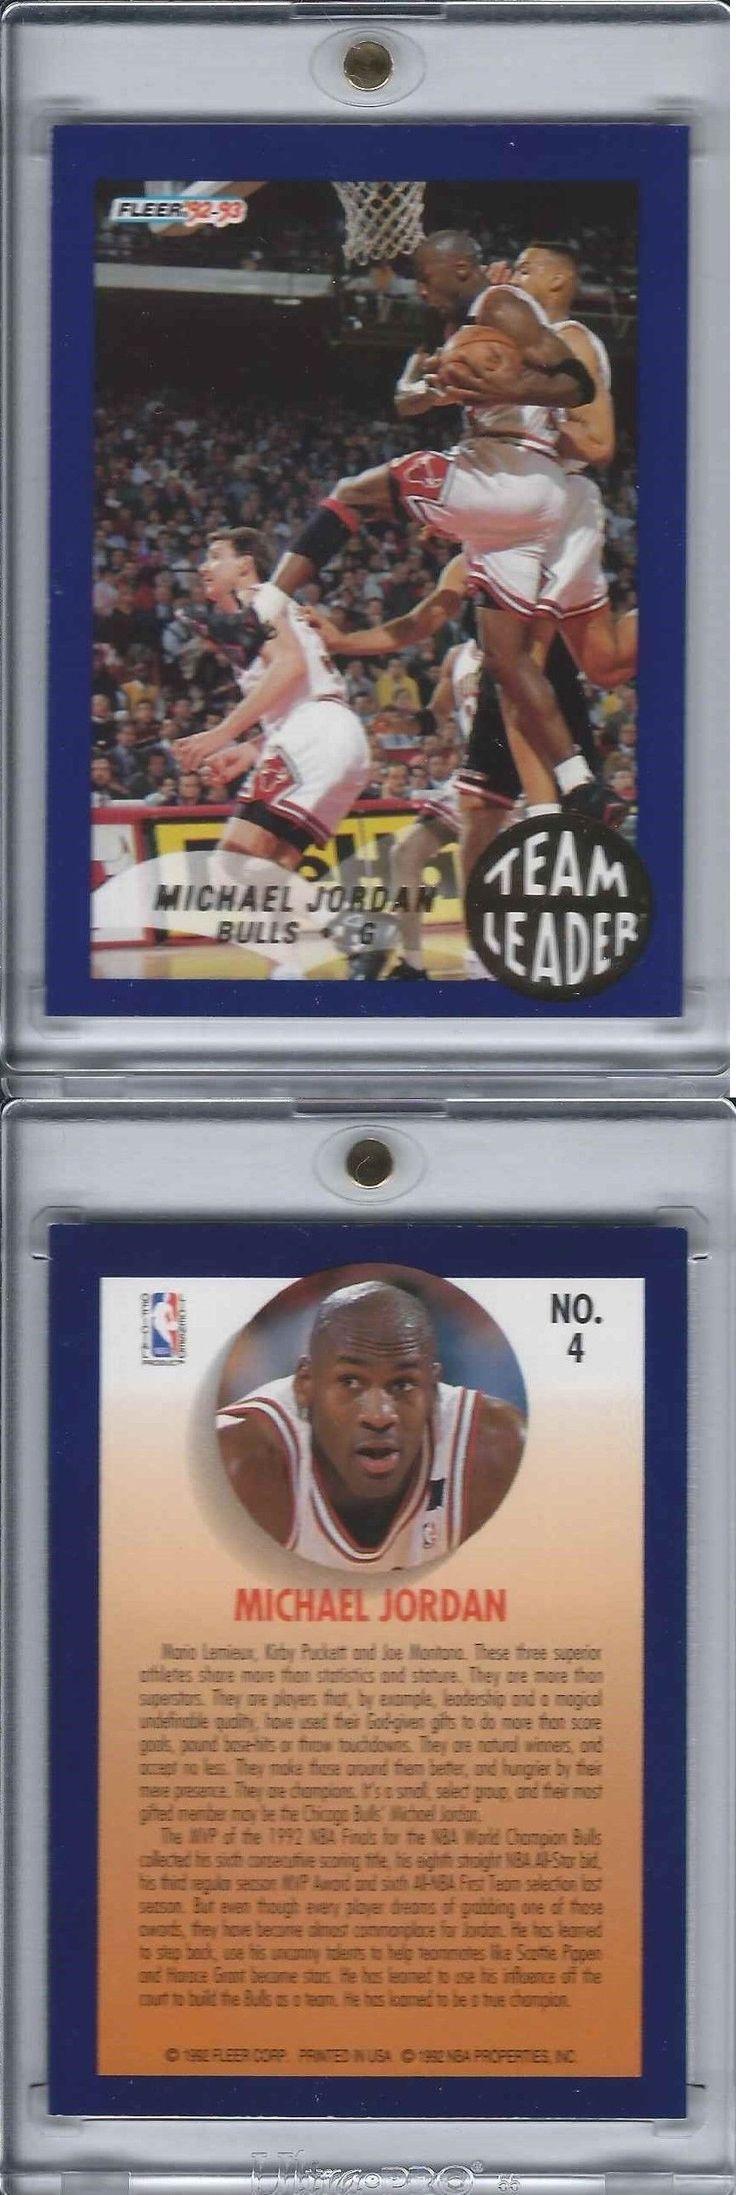 Basketball Cards 214: 1992-93 Fleer Michael Jordan Team Leader Rack Pack Only 90 S Insert Bulls Goat -> BUY IT NOW ONLY: $199.95 on eBay!